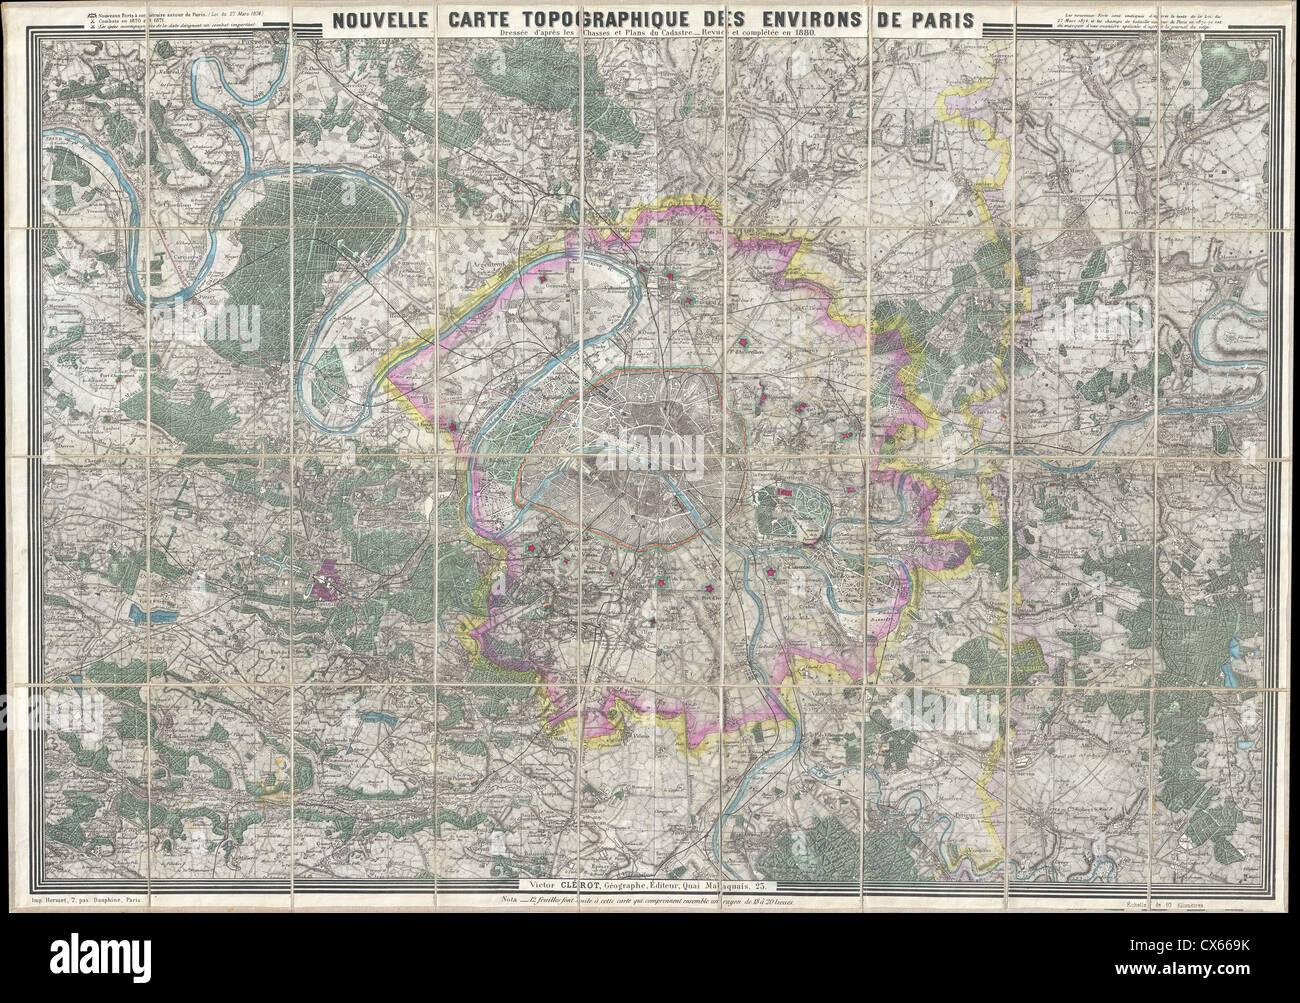 1880 Clerot Pocket Mappa di Parigi e dintorni, Francia - Immagini Stock